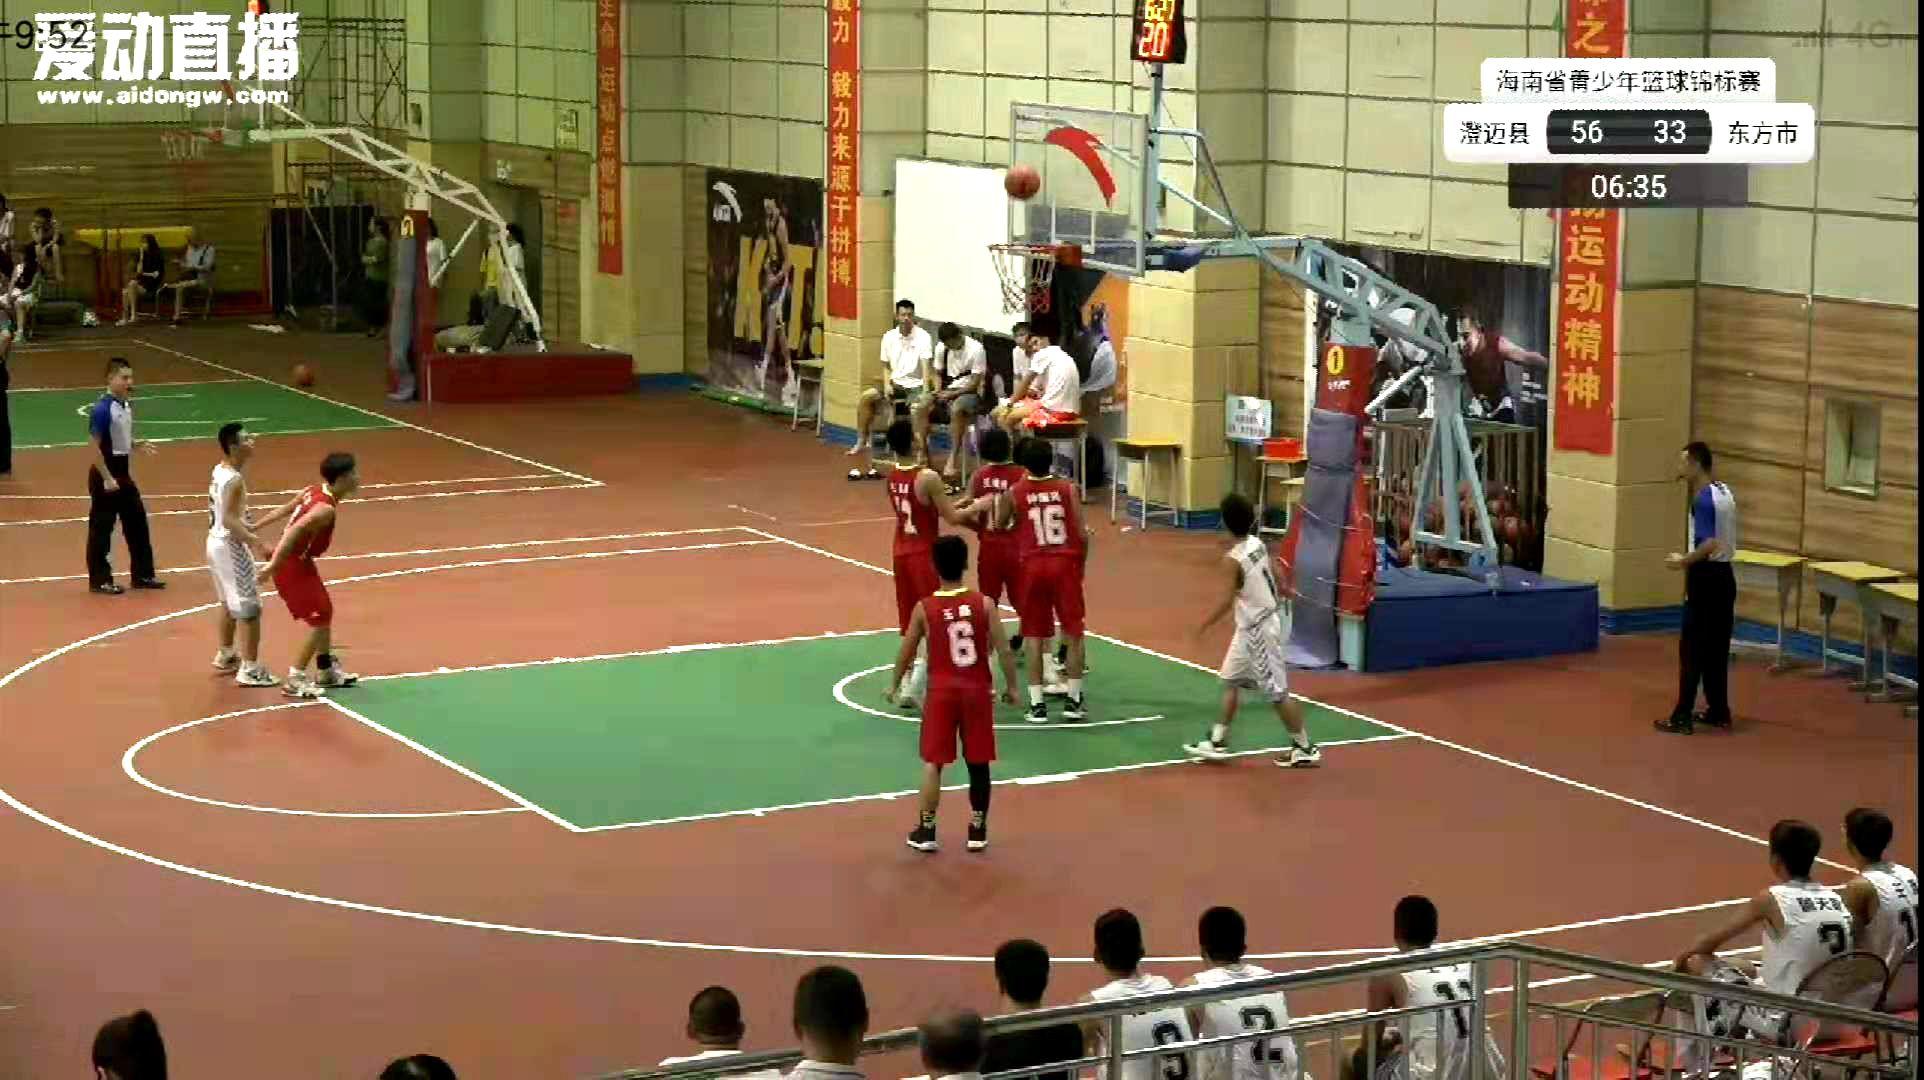 2020年海南省青少年篮球锦标赛澄迈开打 附:赛程